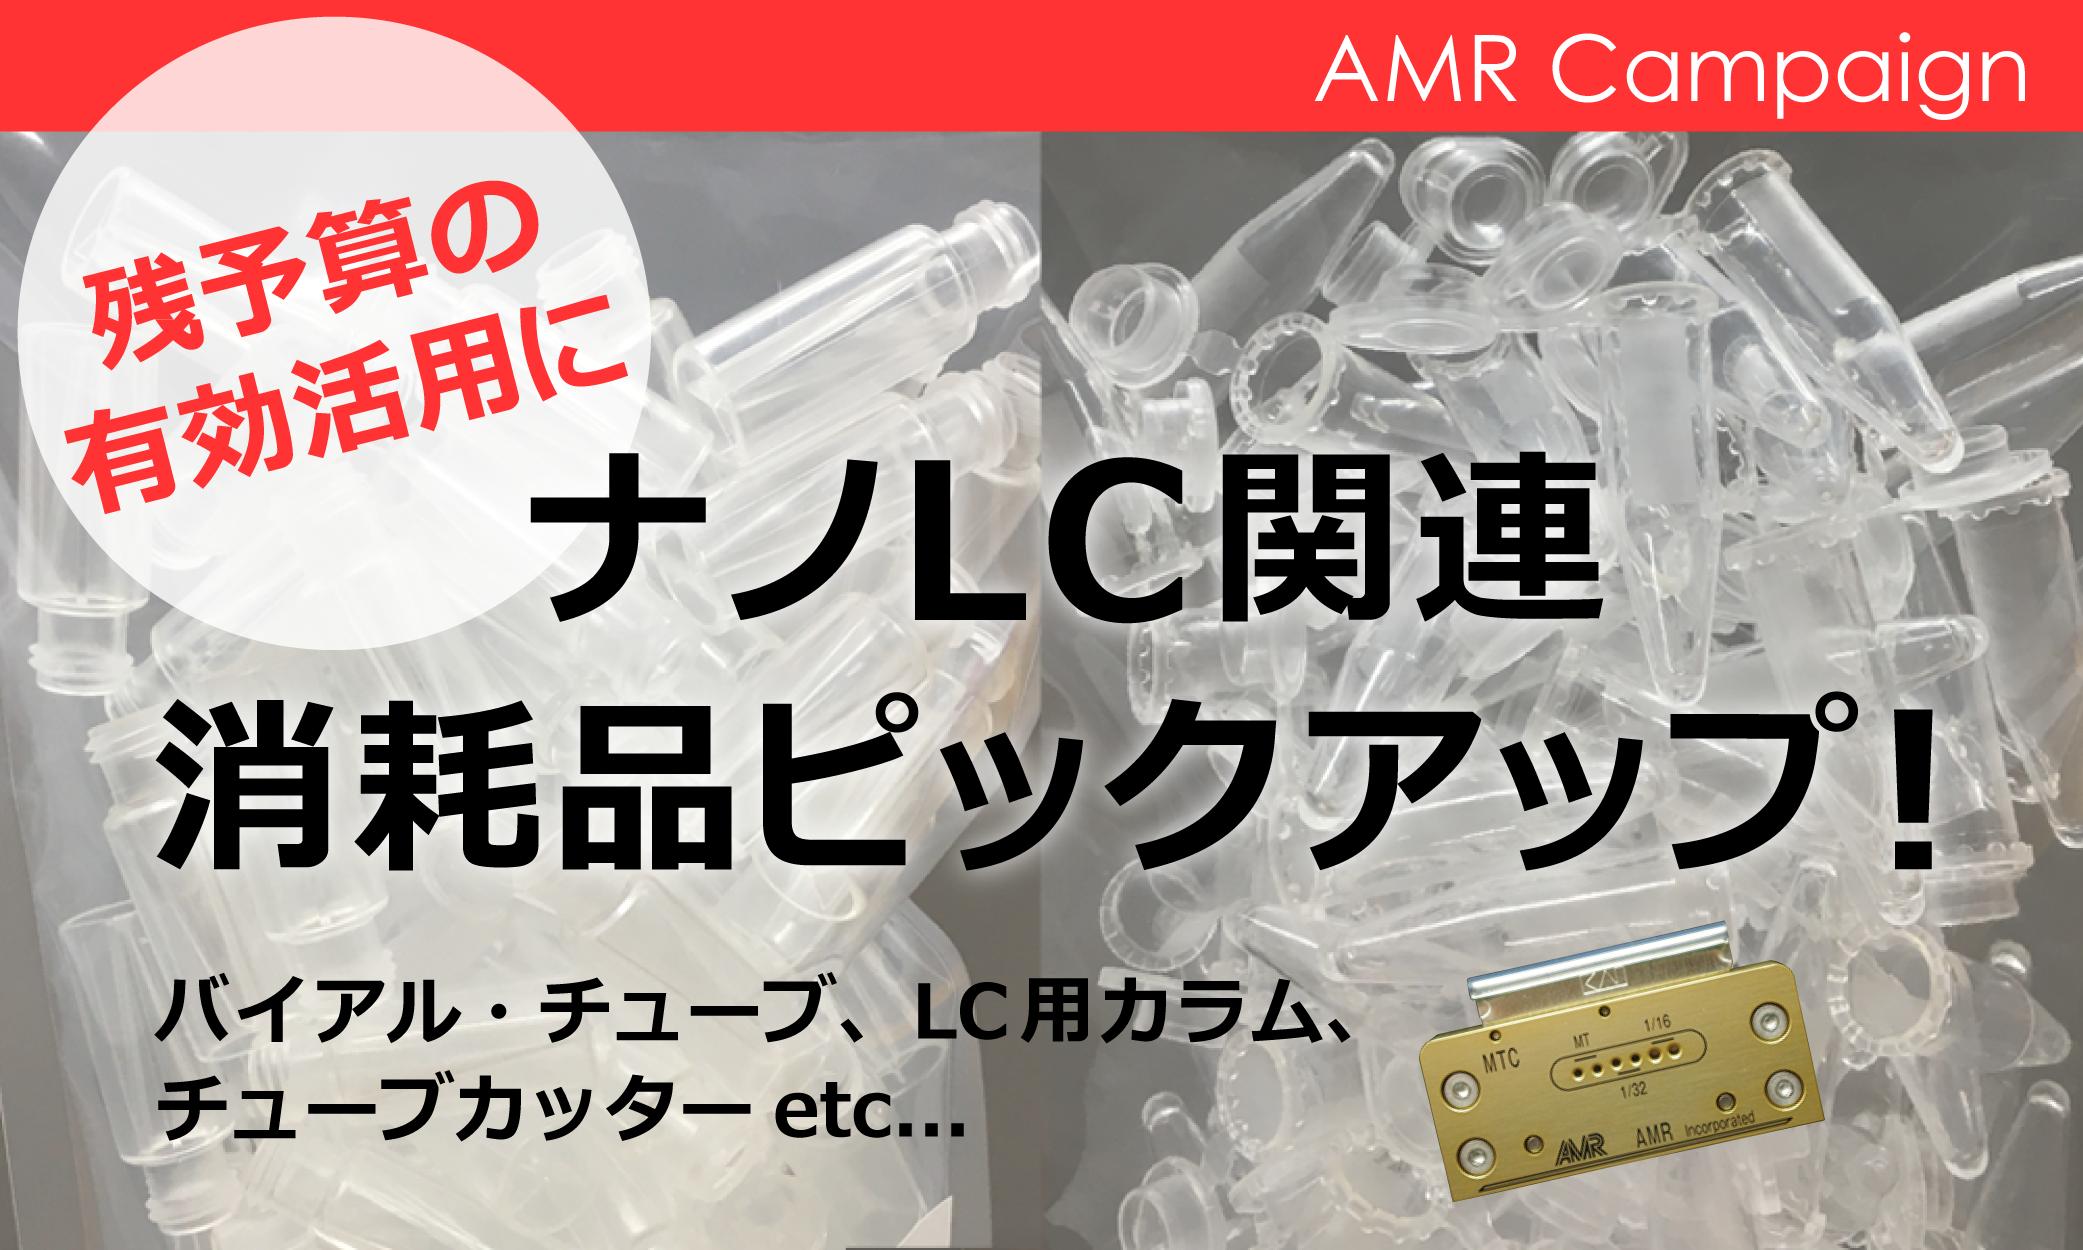 【年度末キャンペーン】ナノLC関連消耗品のご案内